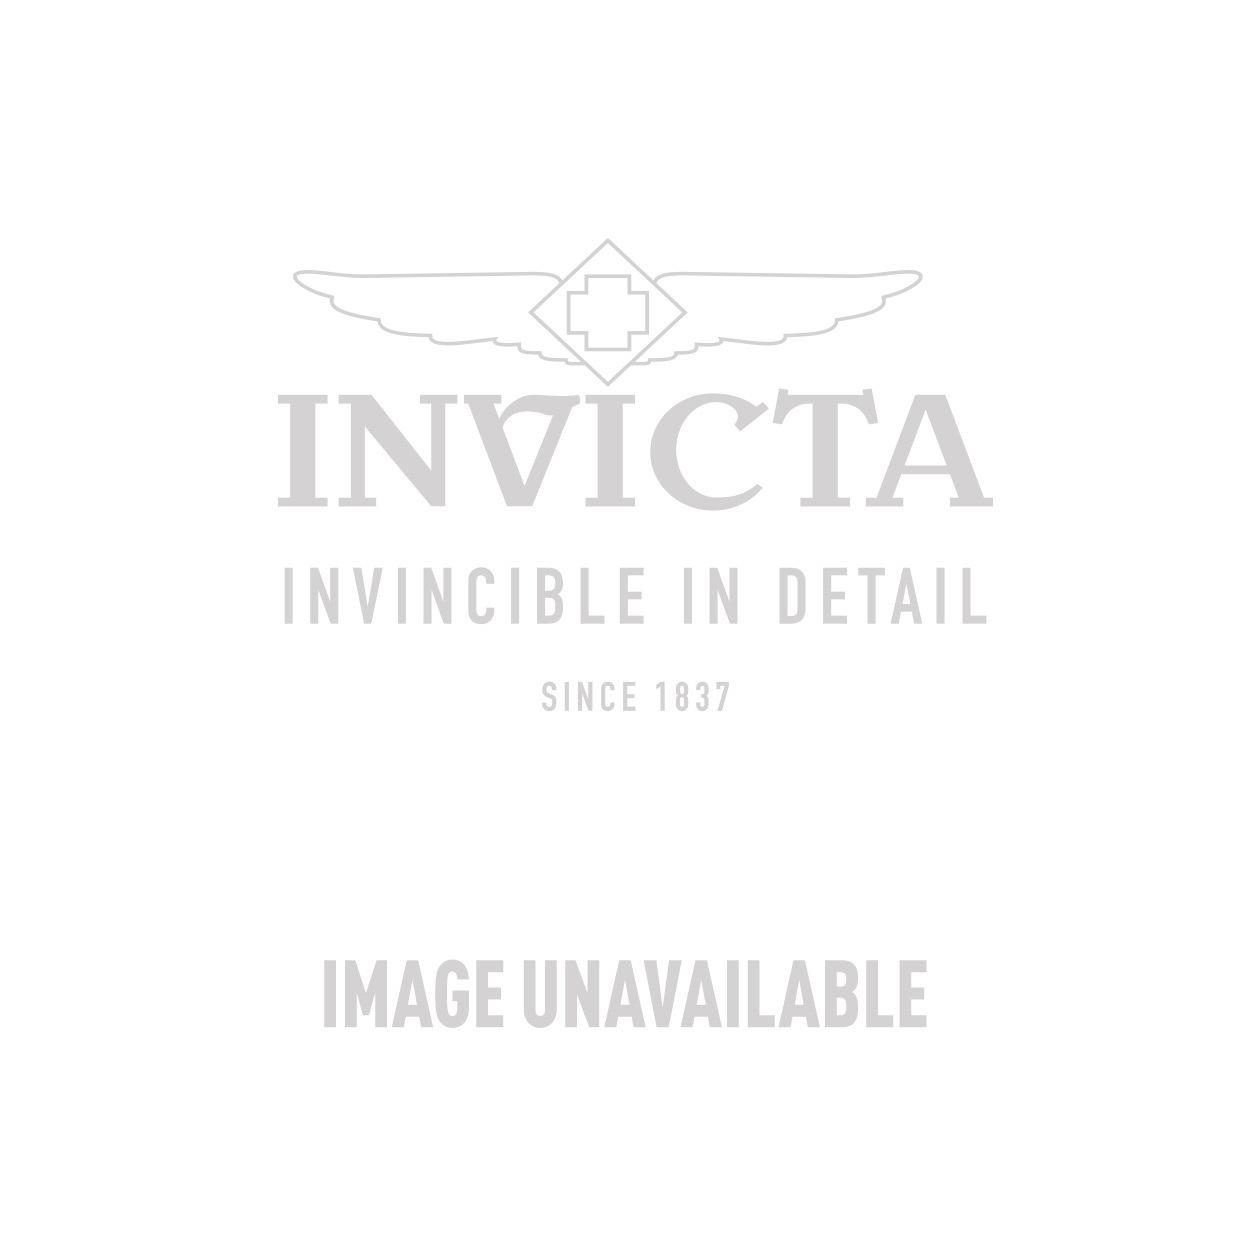 Invicta Model 28334